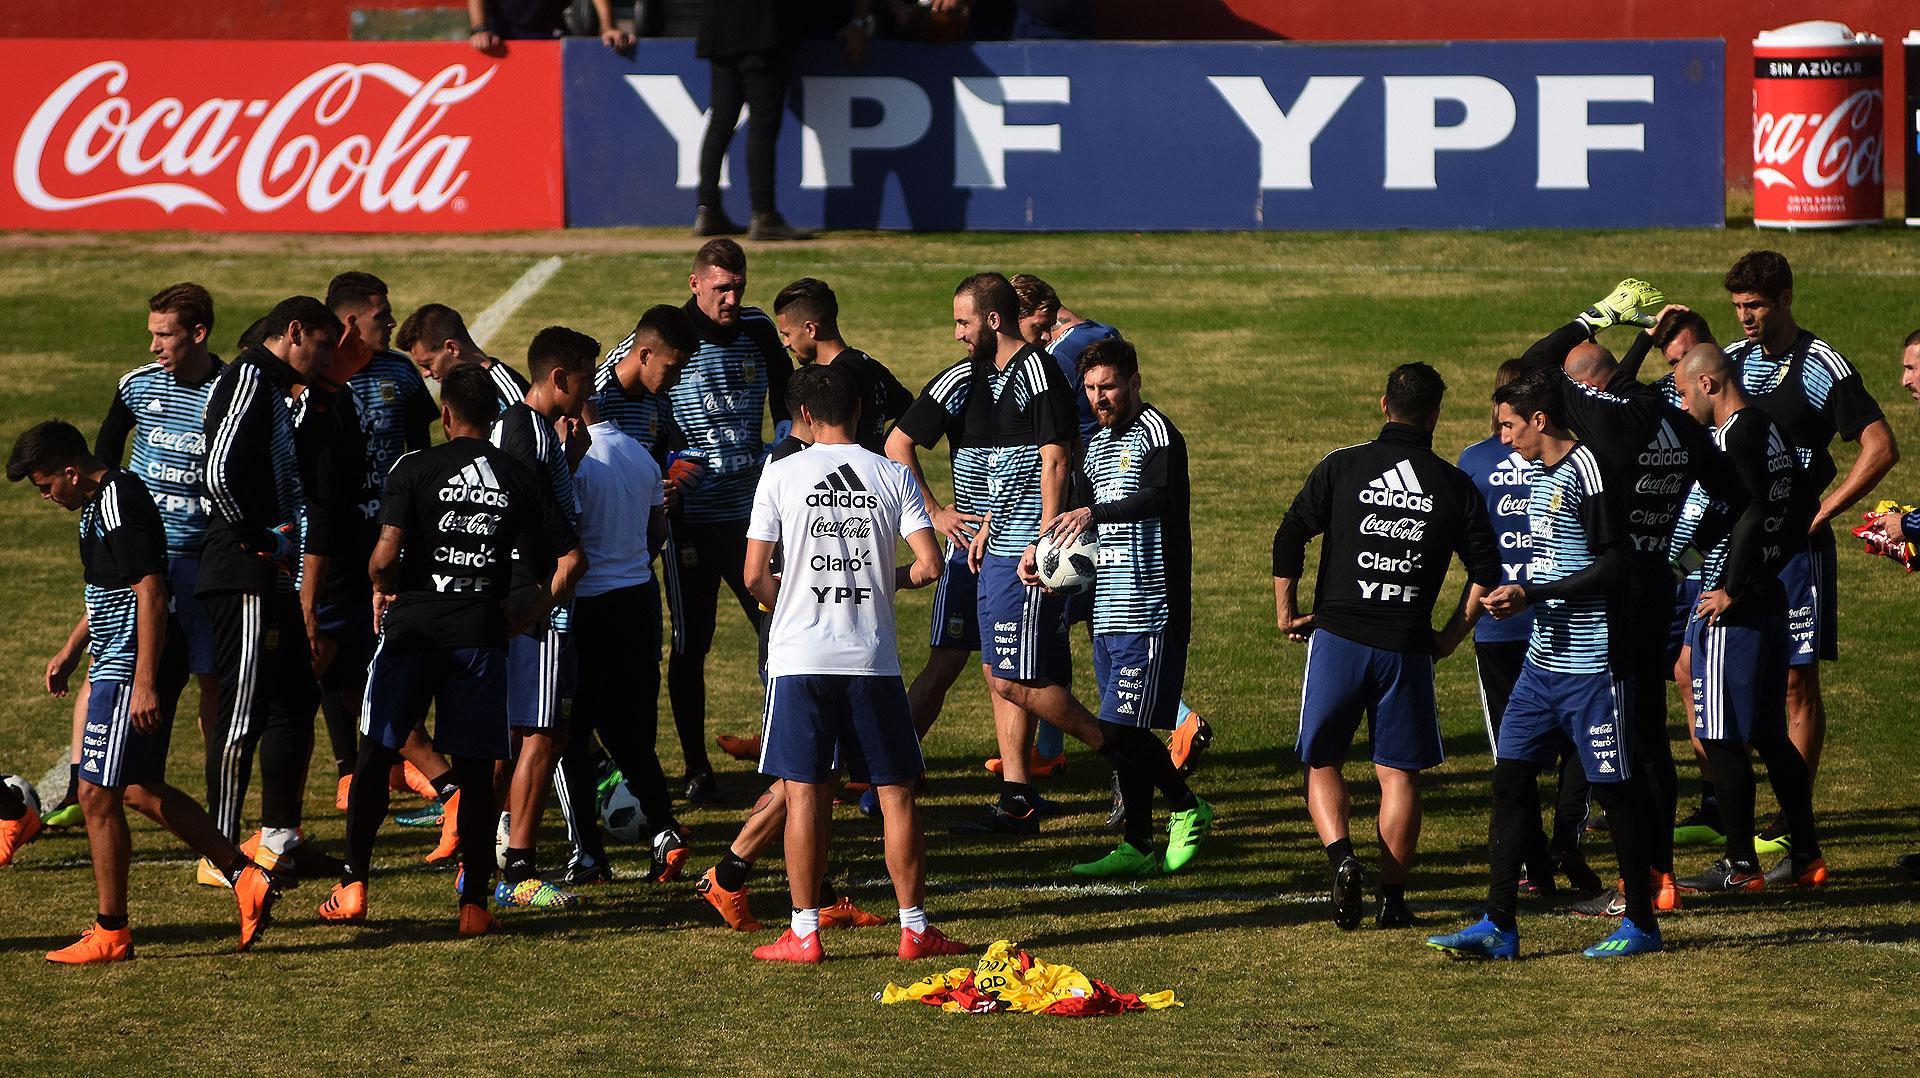 Argentina debutará el sábado 16 de junio ante Islandia en Moscú a las 10 de la mañana. Luego se medirá con Croacia el jueves 21 de junio a partir de las 15 horas y cerrará el grupo contra Nigeria el martes 26 de junio, otra vez a las 15